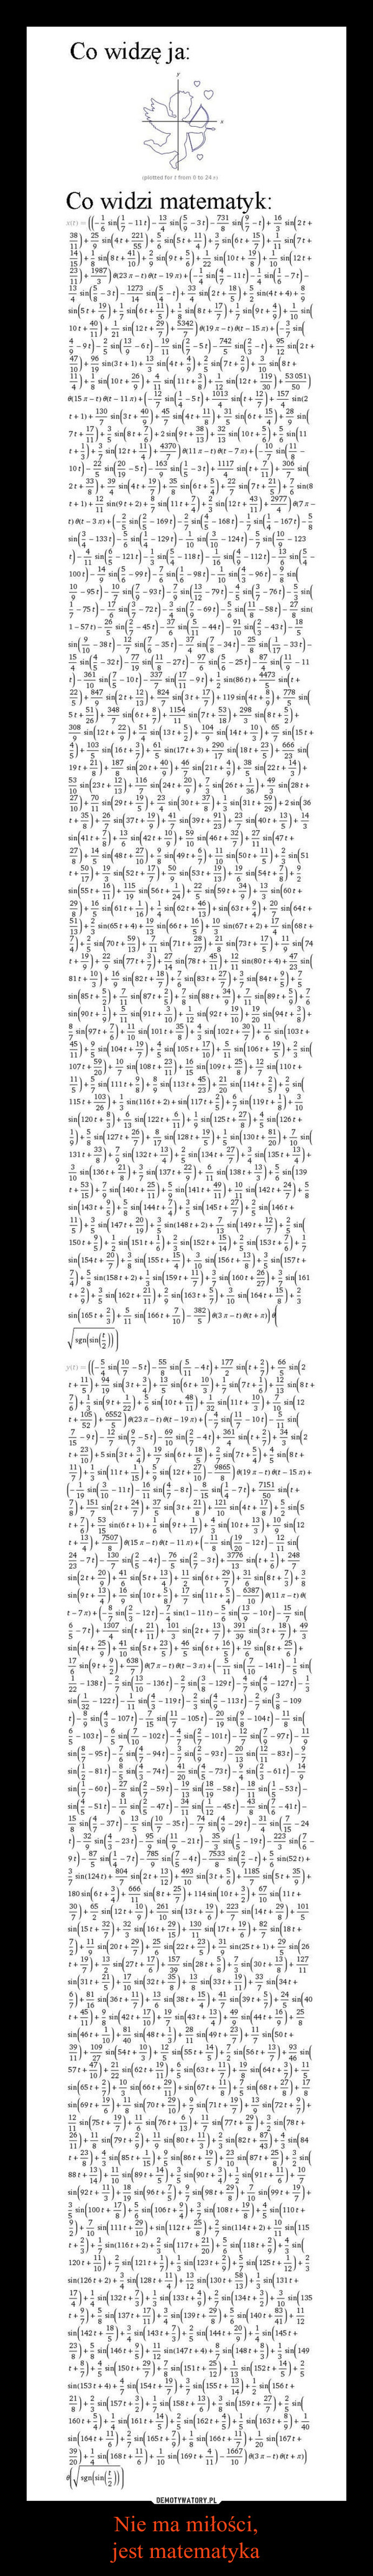 Nie ma miłości,jest matematyka –